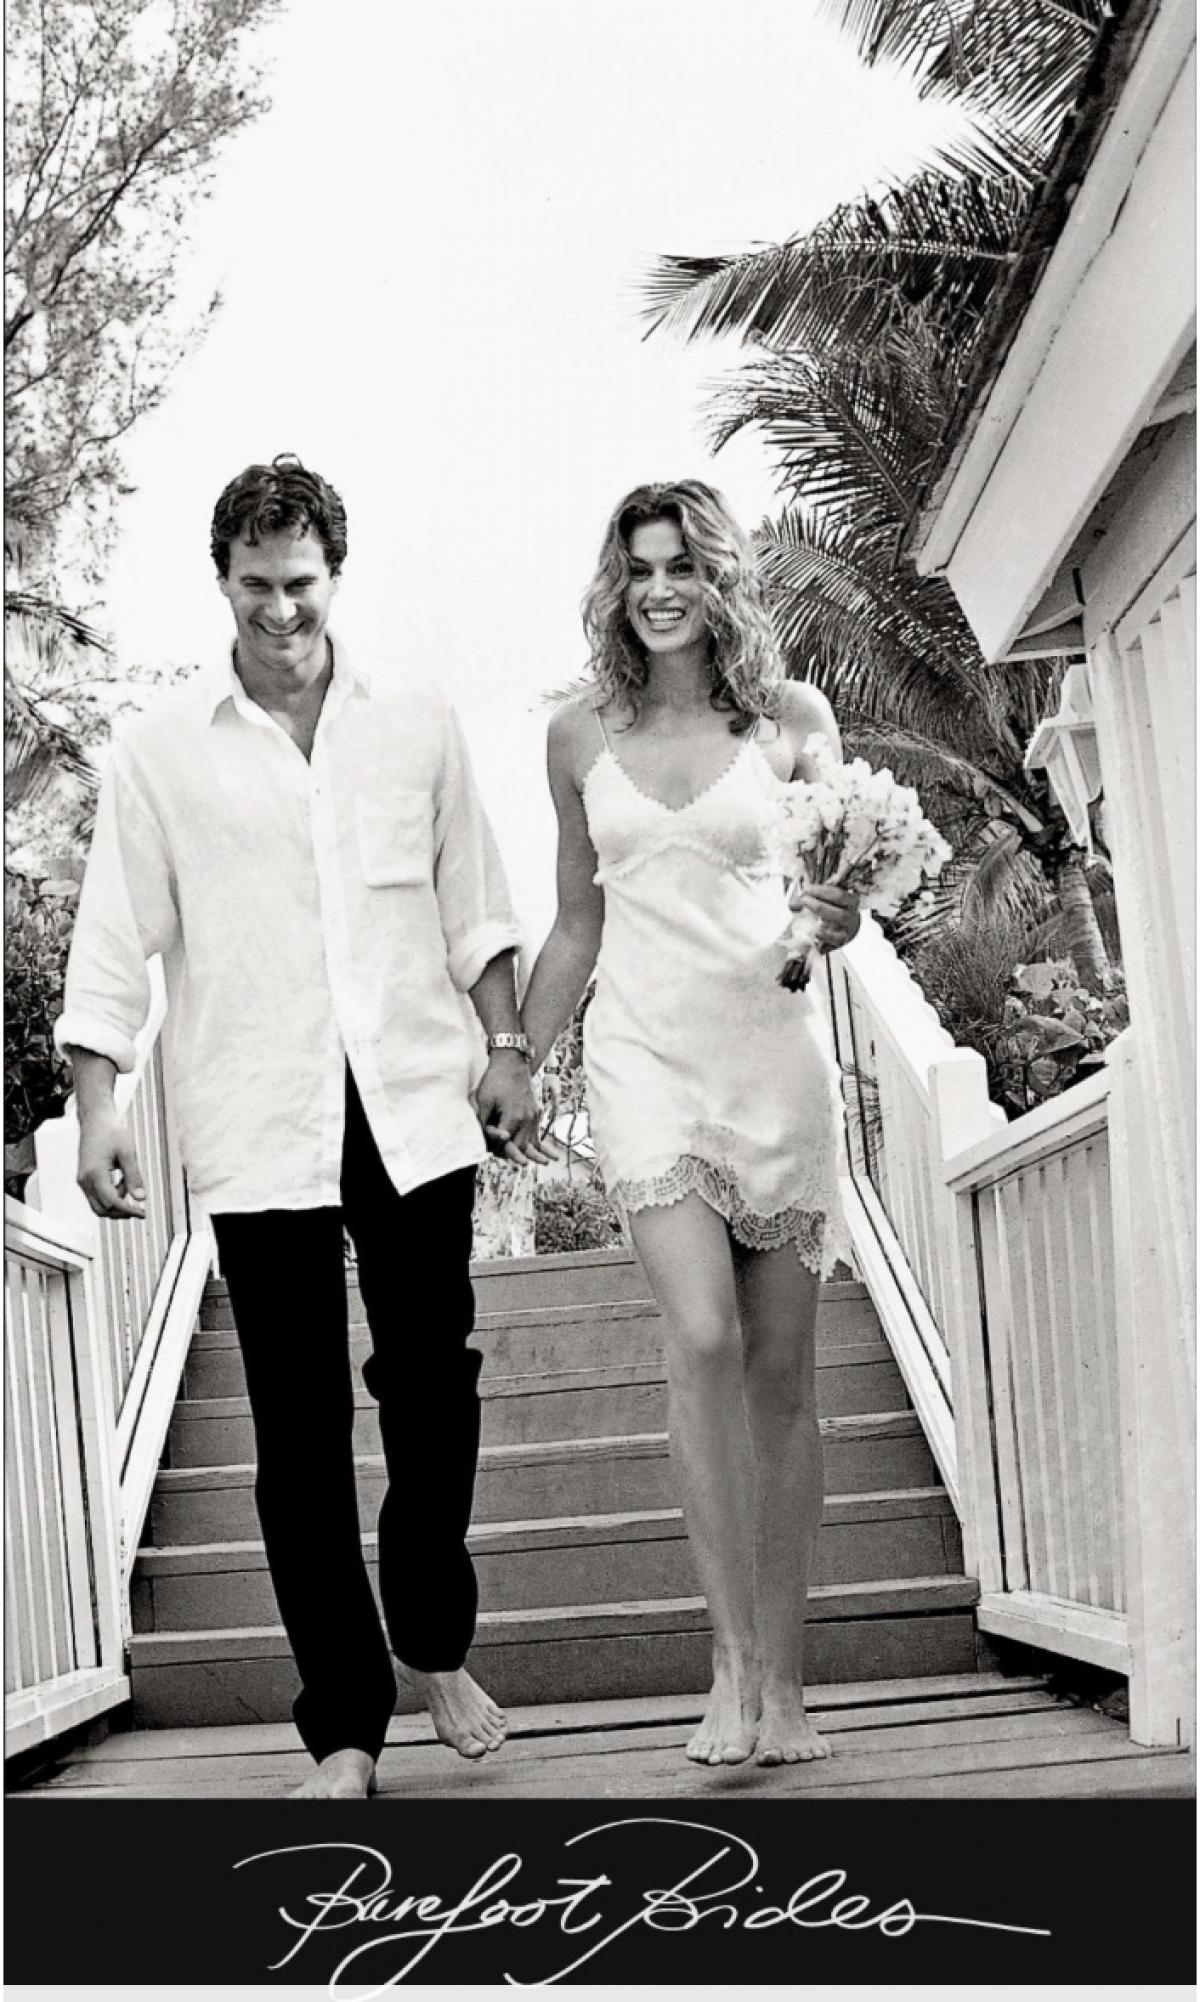 Siêu mẫu Cindy Crawford kết hôn với doanh nhân Rande Gerber trong một đám cưới giản dị, thân mật vào tháng 5/1998. Cô diện chiếc váy trơn đơn giản của John Galliano, và cặp đôi đi chân trần tiến vào lễ đường.